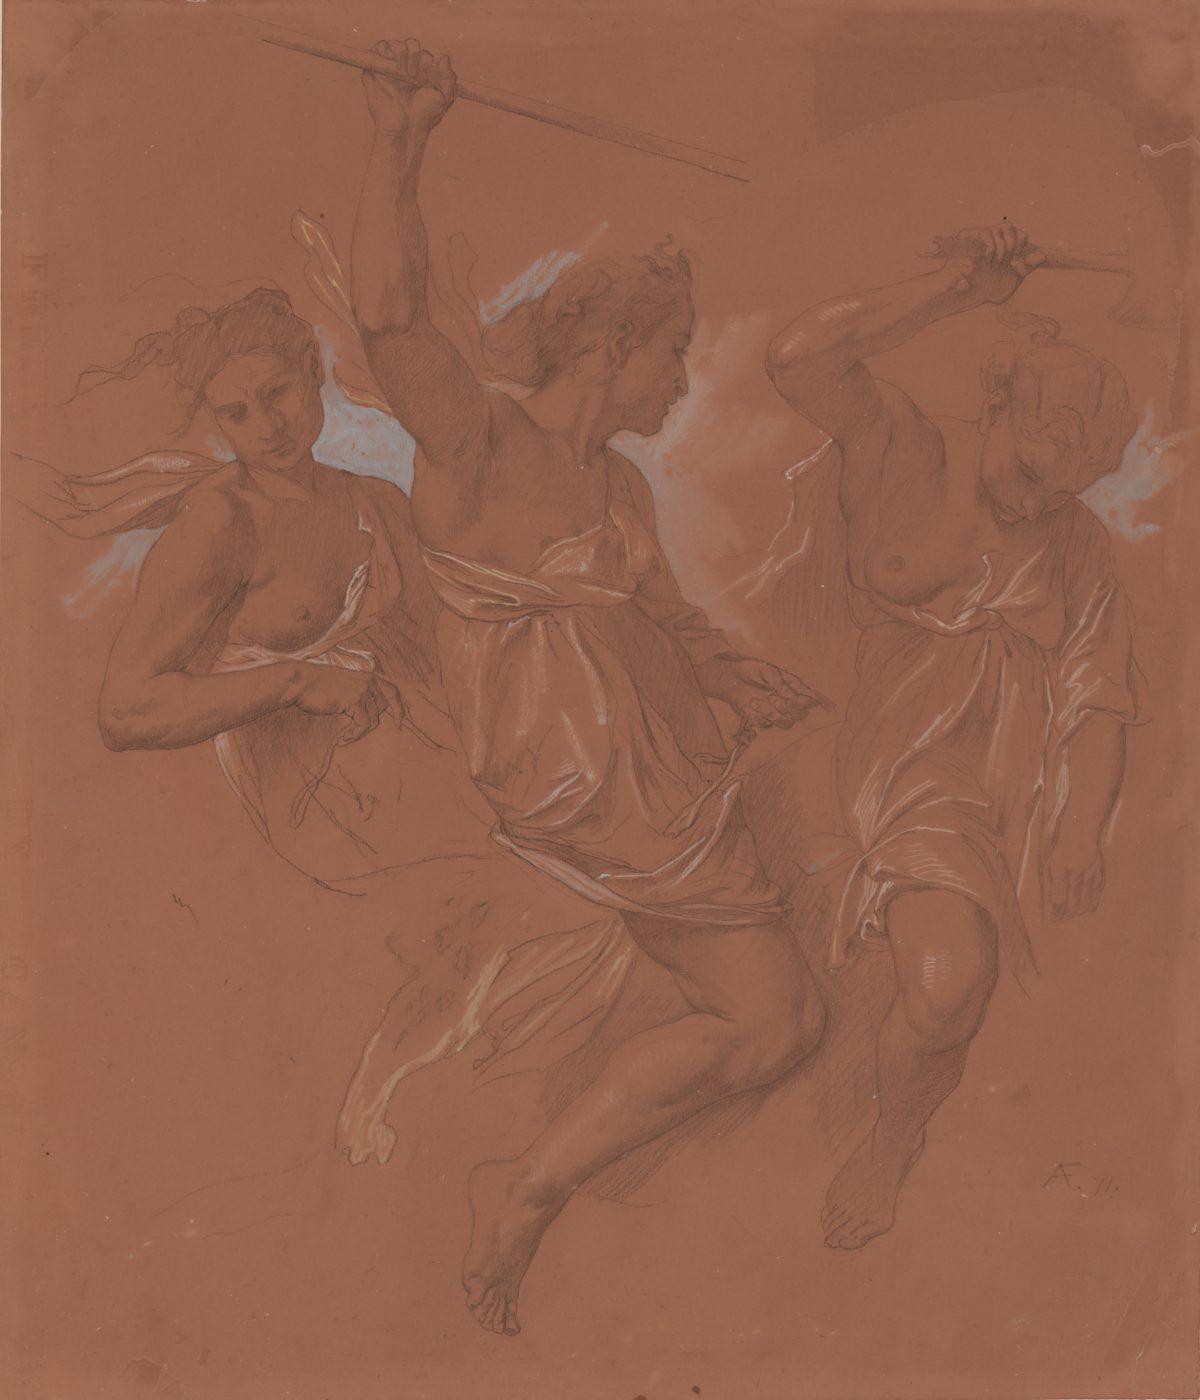 Anselm Feuerbach, Drei reitende Amazonen, 1871, Schwarze und farbige Kreiden, Deckfarbe in Hellblau, 504 x 432 mm Blattmaß © Staatliche Graphische Sammlung München